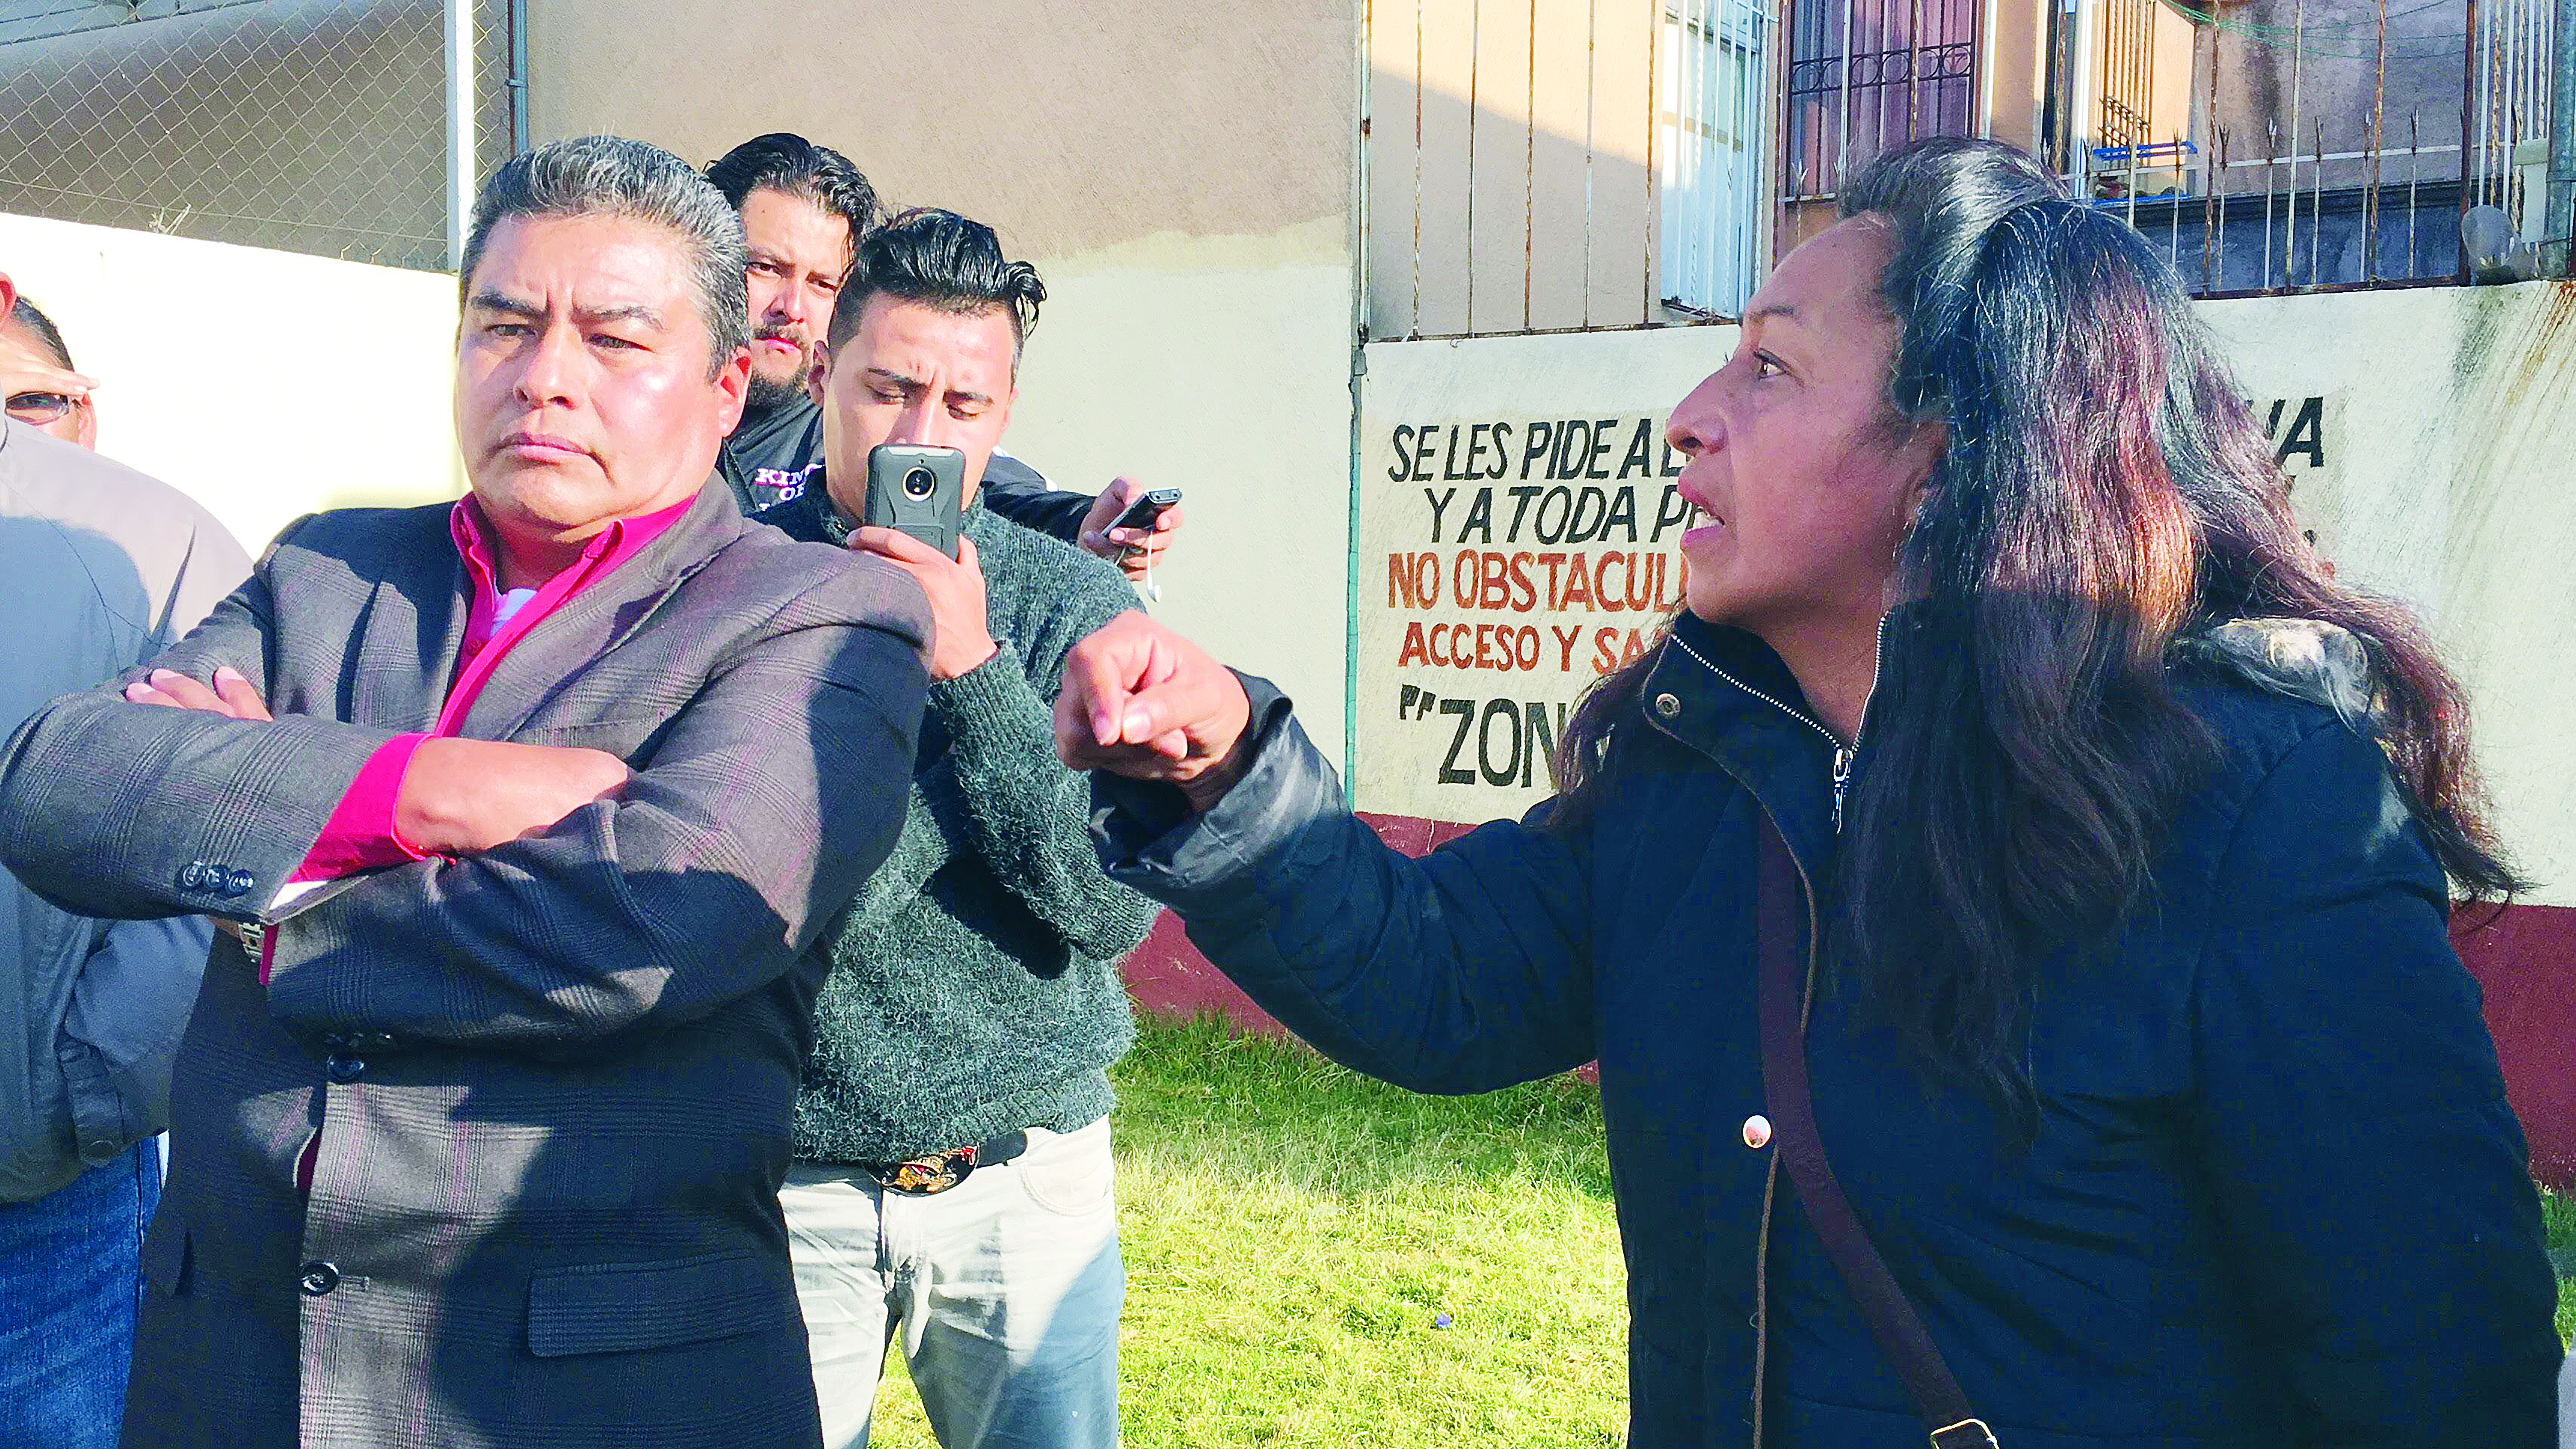 Foto: Ximena García, El Gráfico